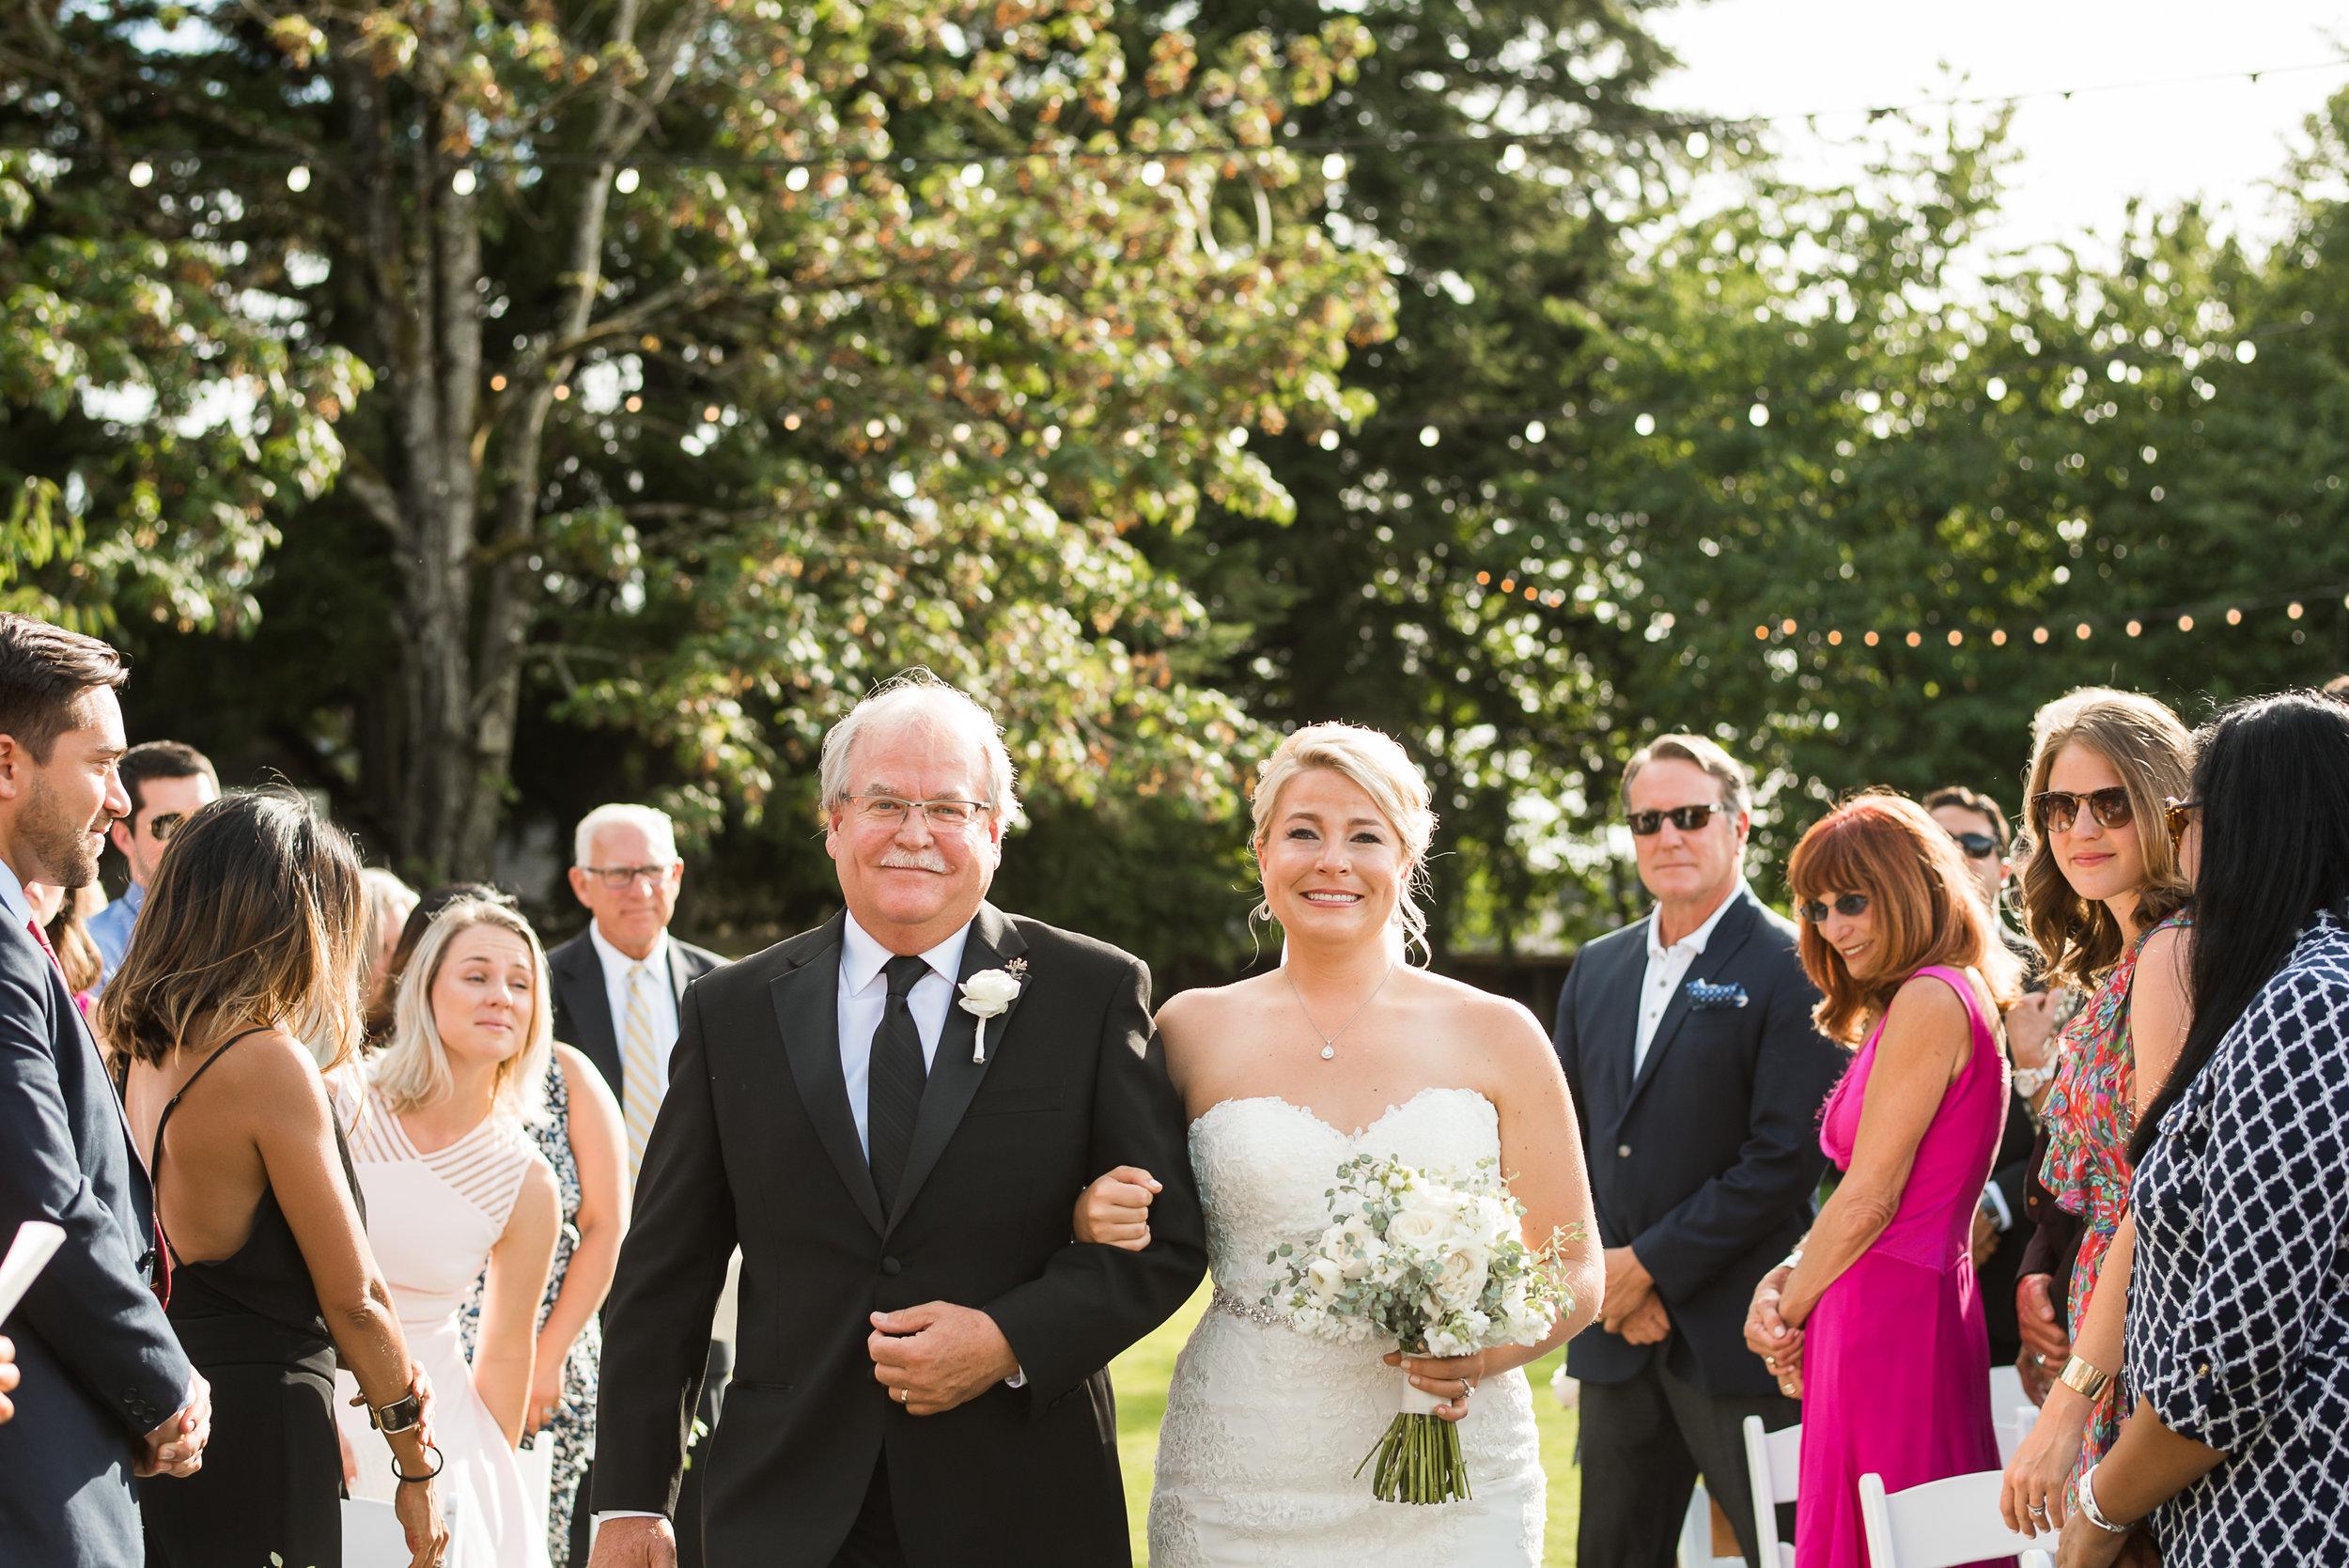 HA-wedding-Van-Wyhe-Photography-368.jpg